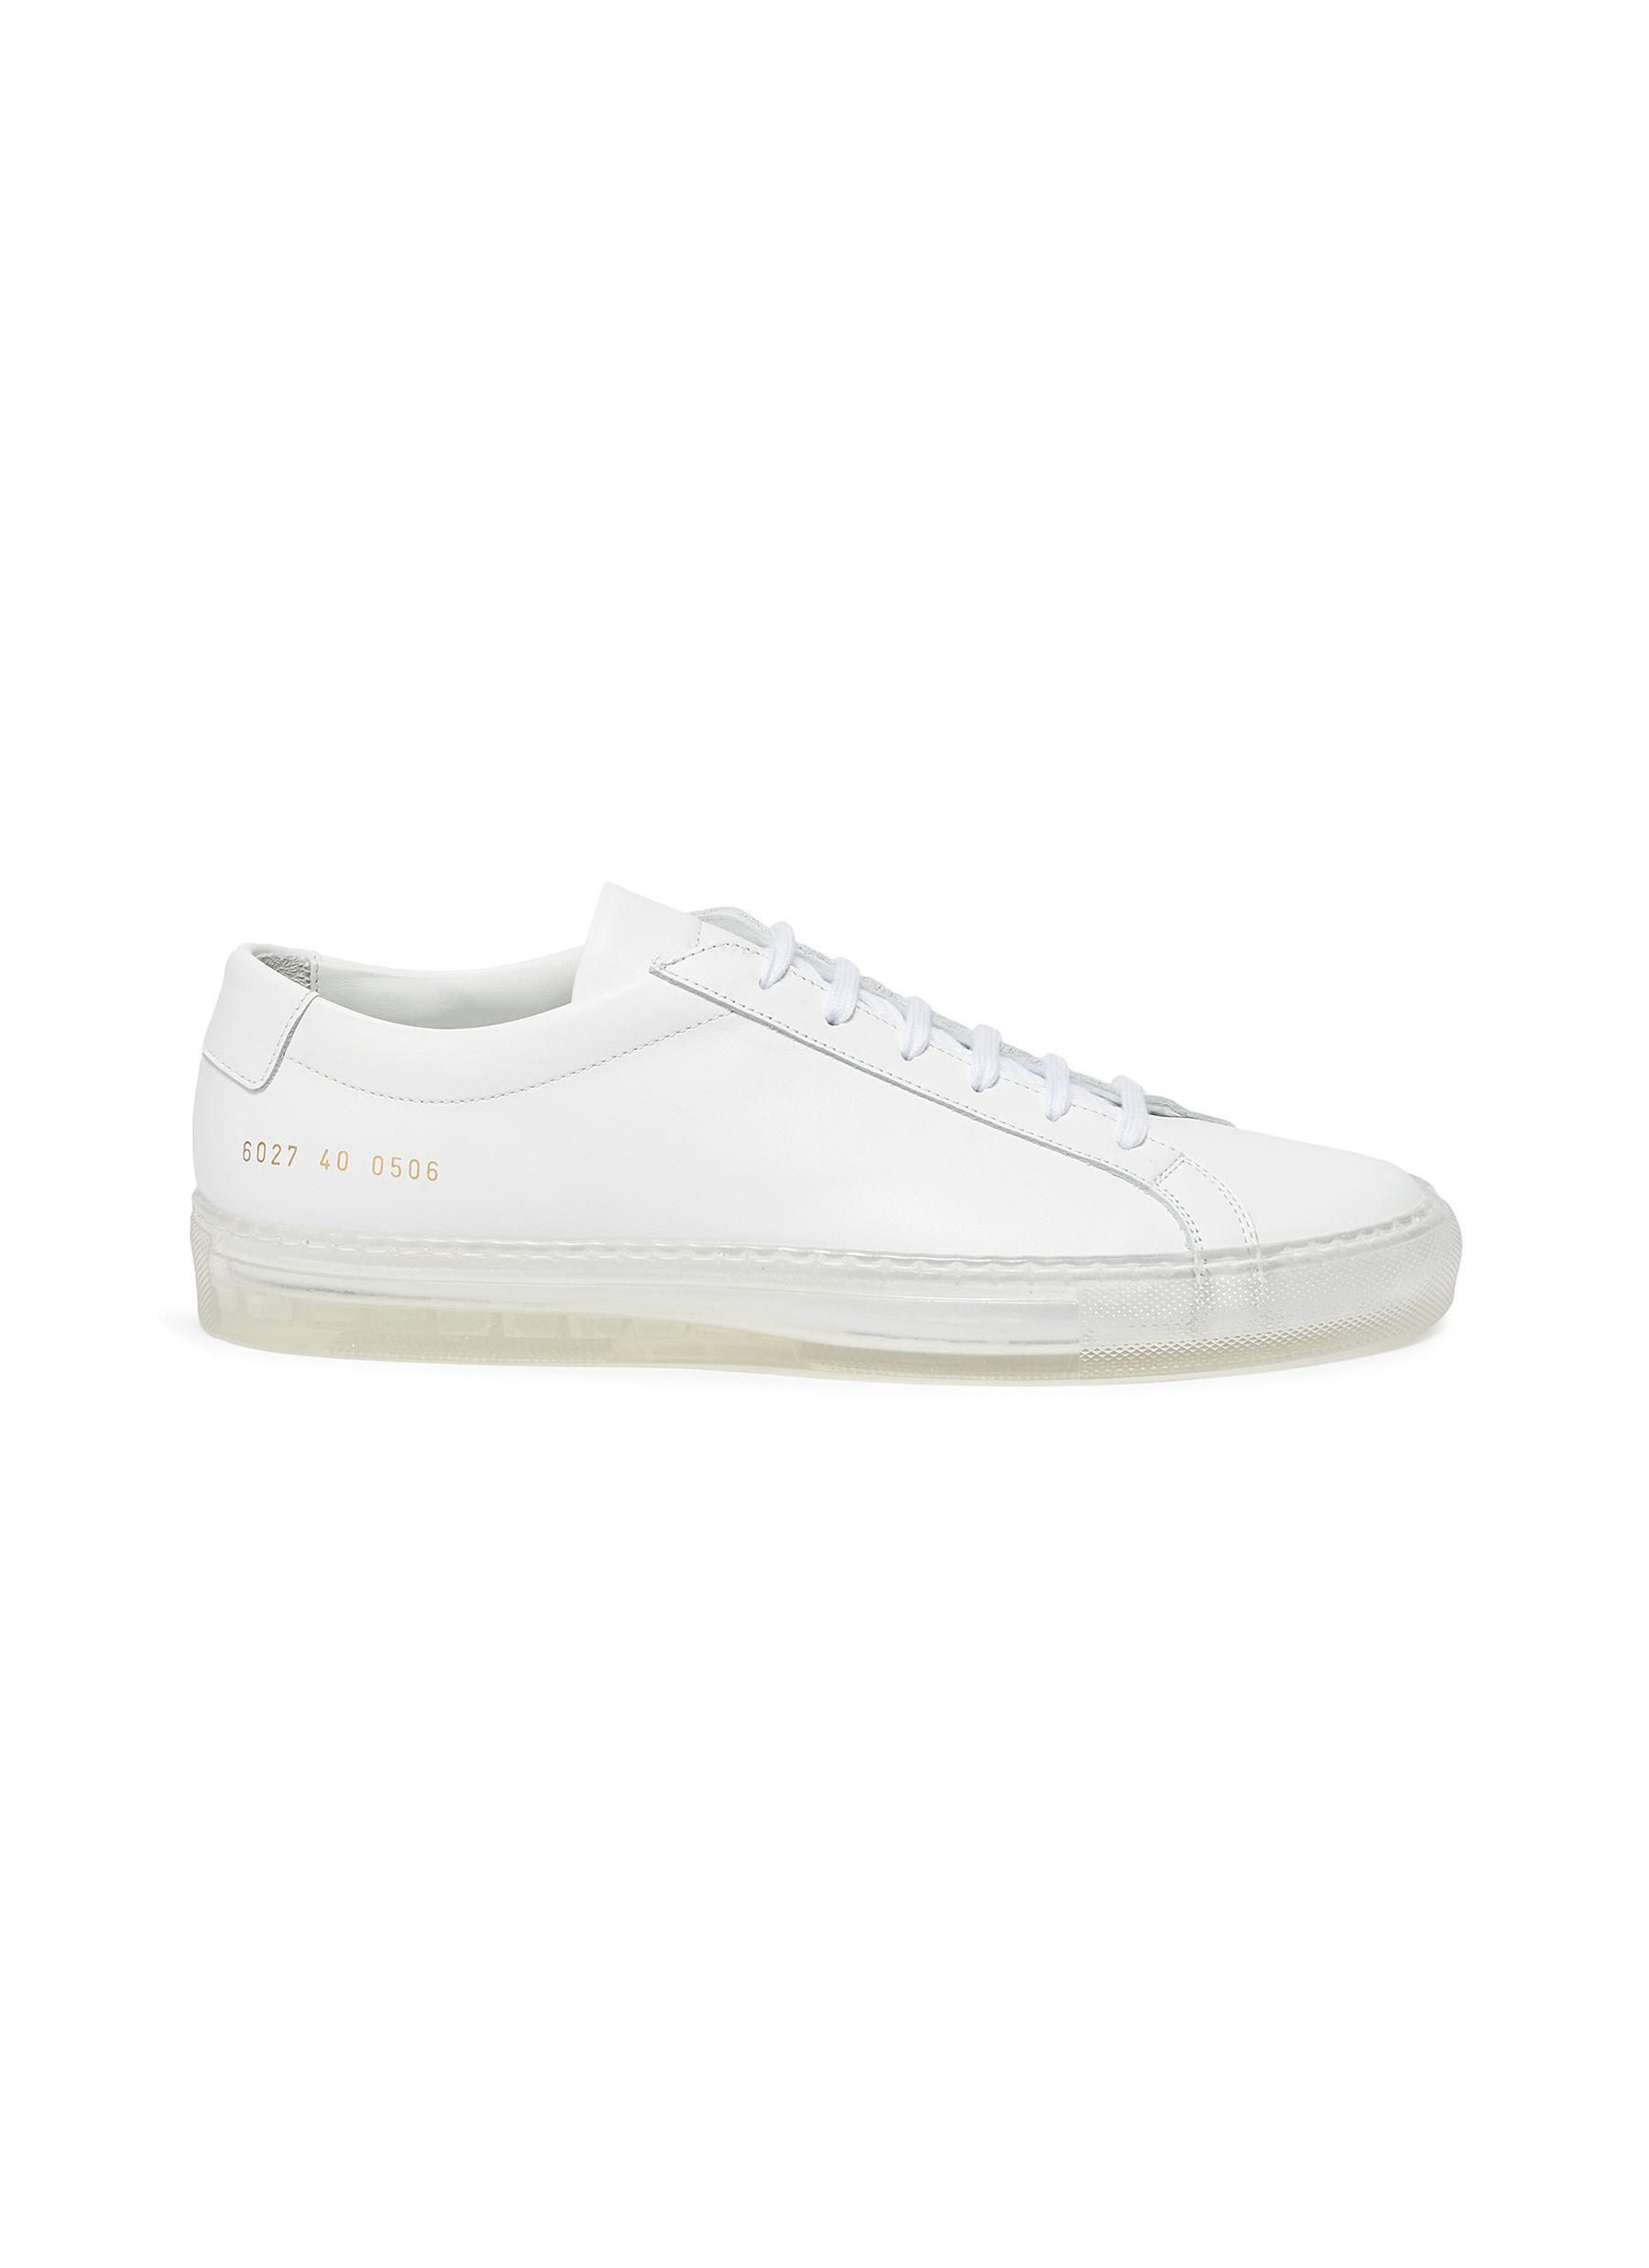 Original Achilles' clear sole low top